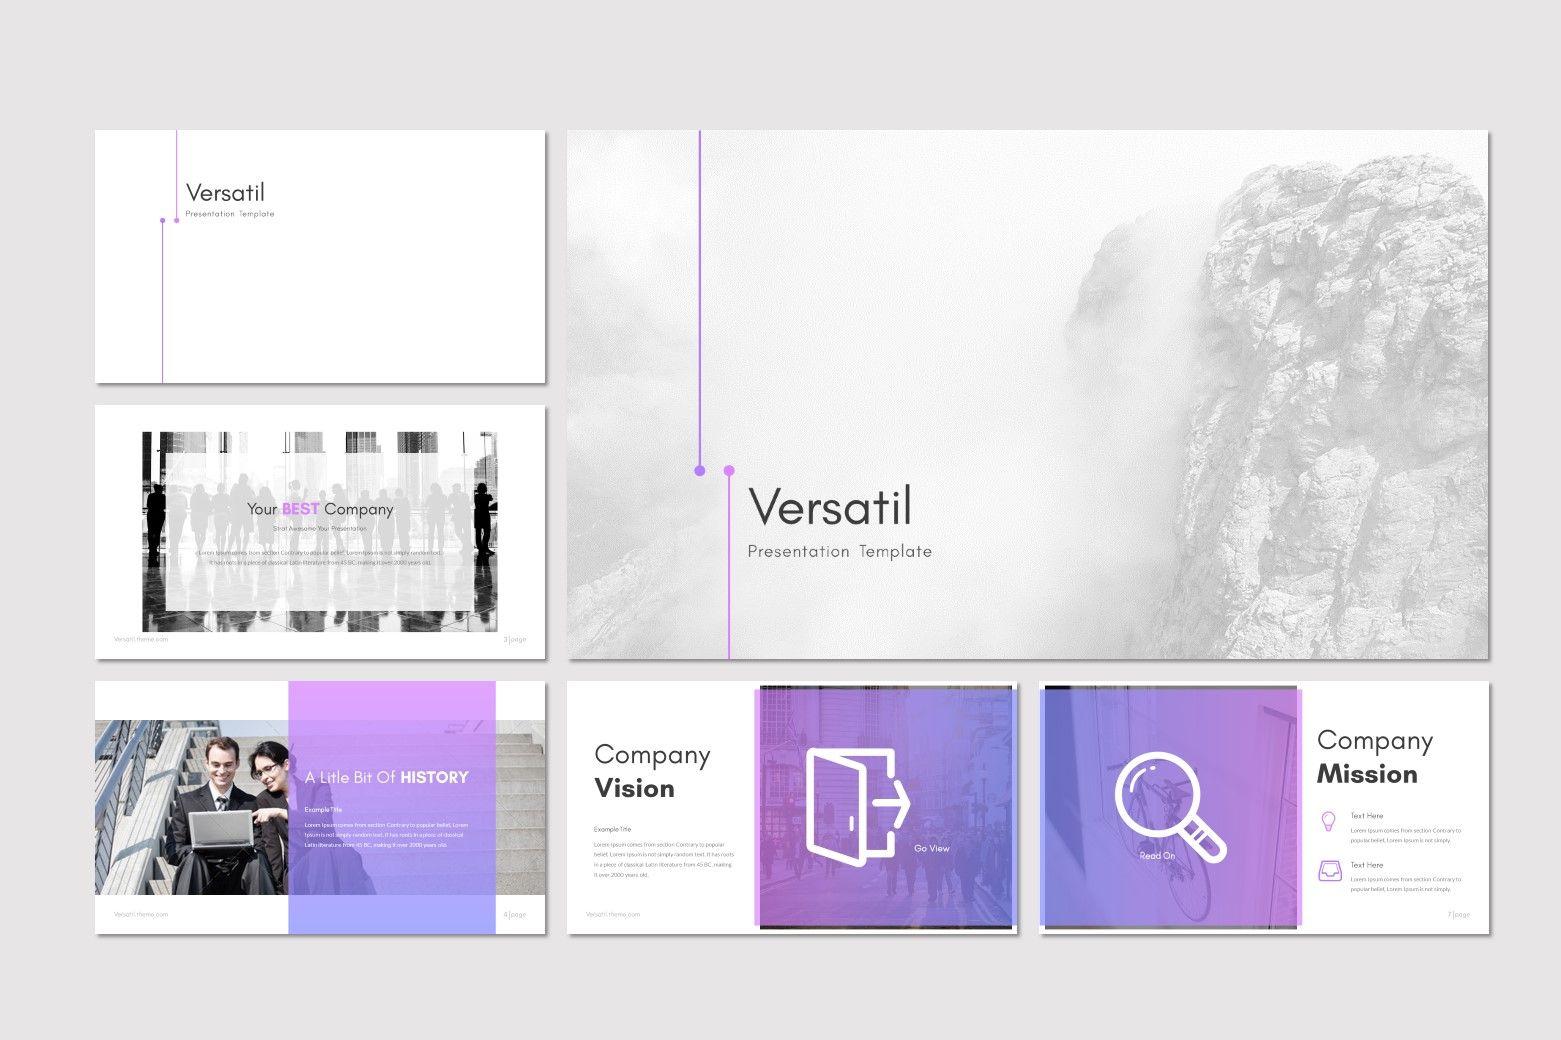 Versatil - PowerPoint Template, Slide 2, 08283, Presentation Templates — PoweredTemplate.com